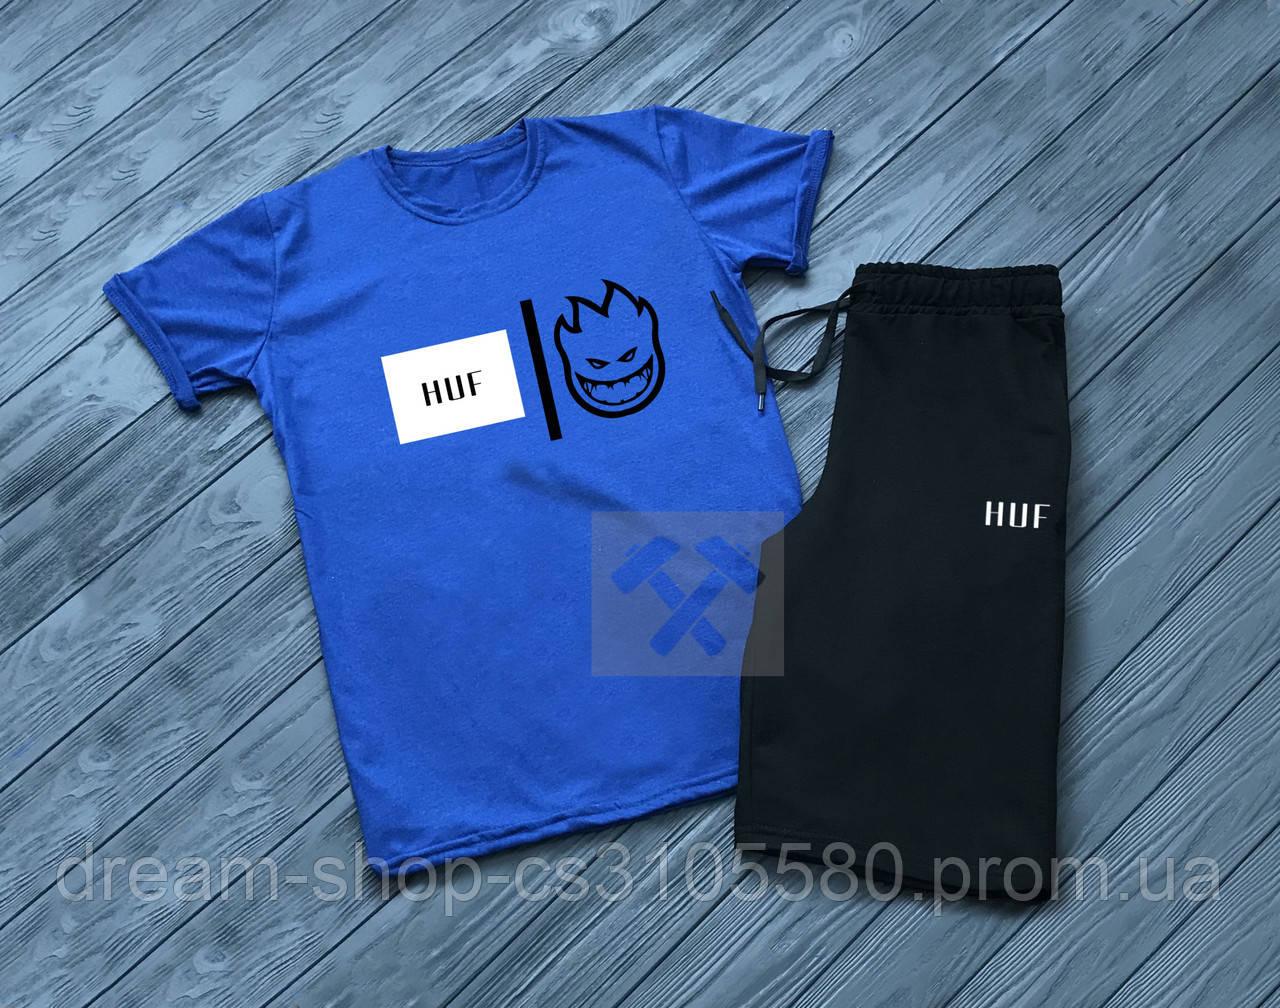 Чоловіча футболка і шорти Хаф, трикотажна S